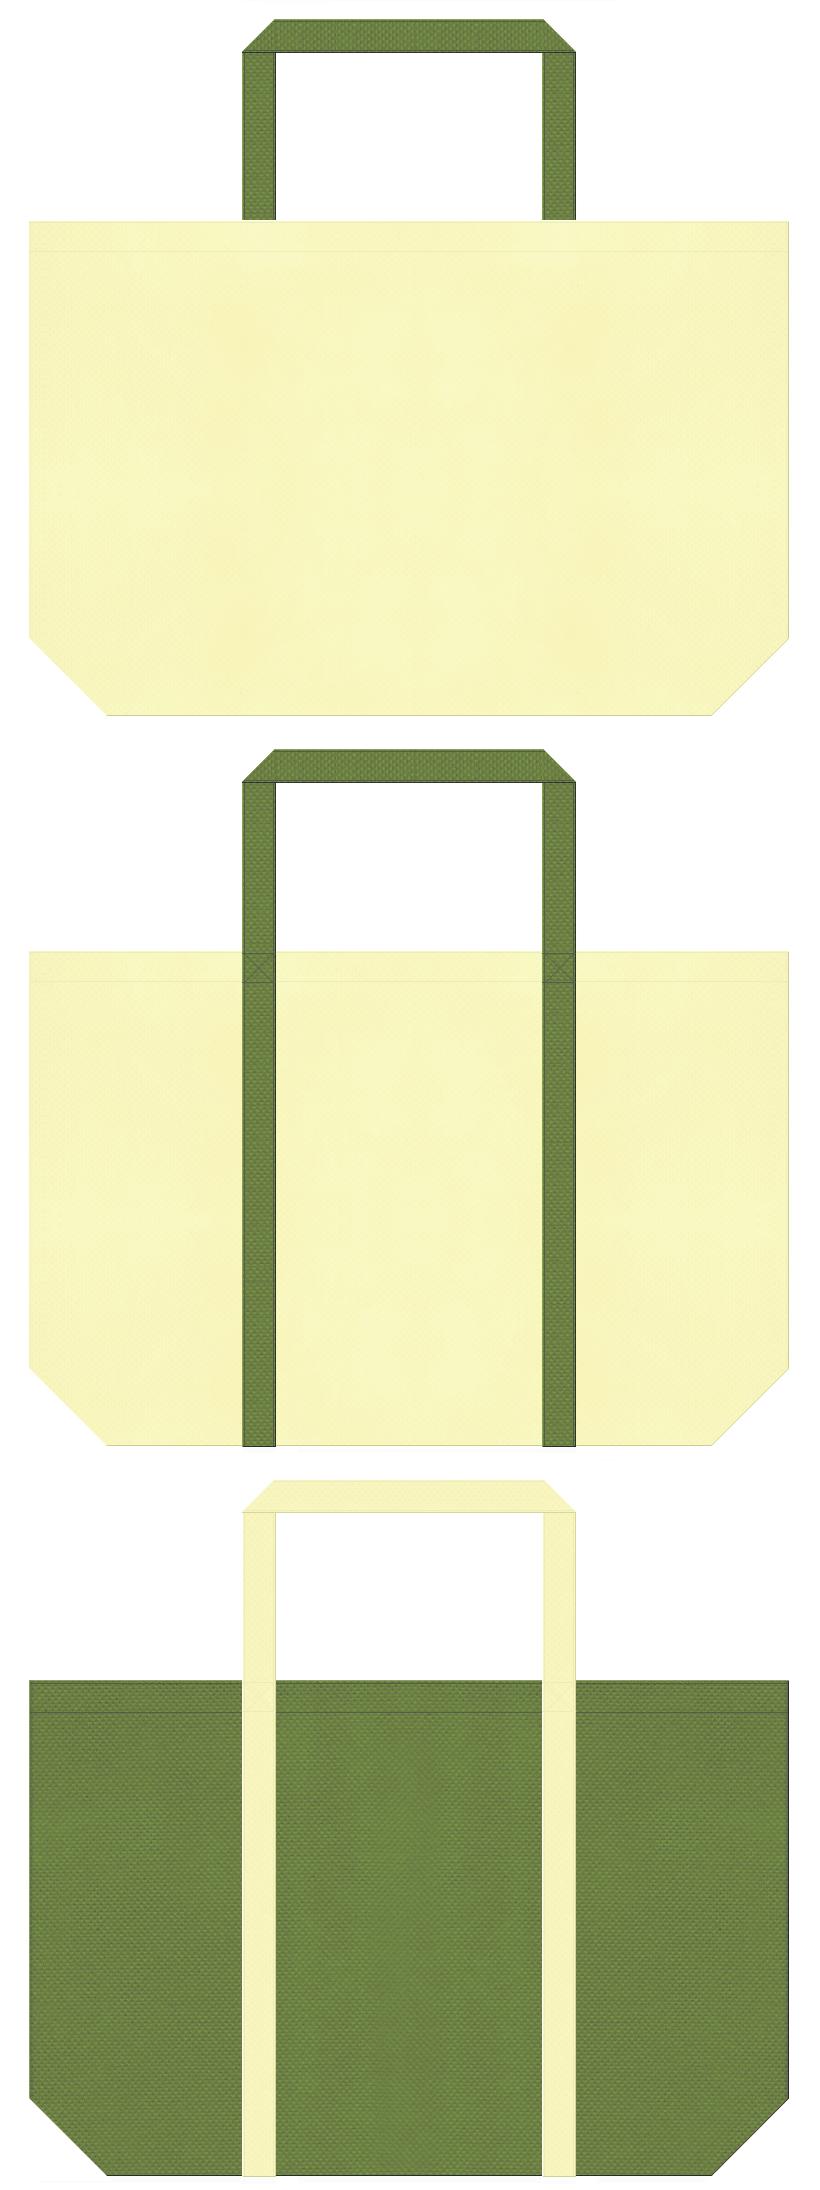 絵本・むかし話・影絵・月光・和紙・和風照明・お月見・お城イベント・和風催事・和菓子にお奨めの不織布バッグデザイン:薄黄色と草色のコーデ